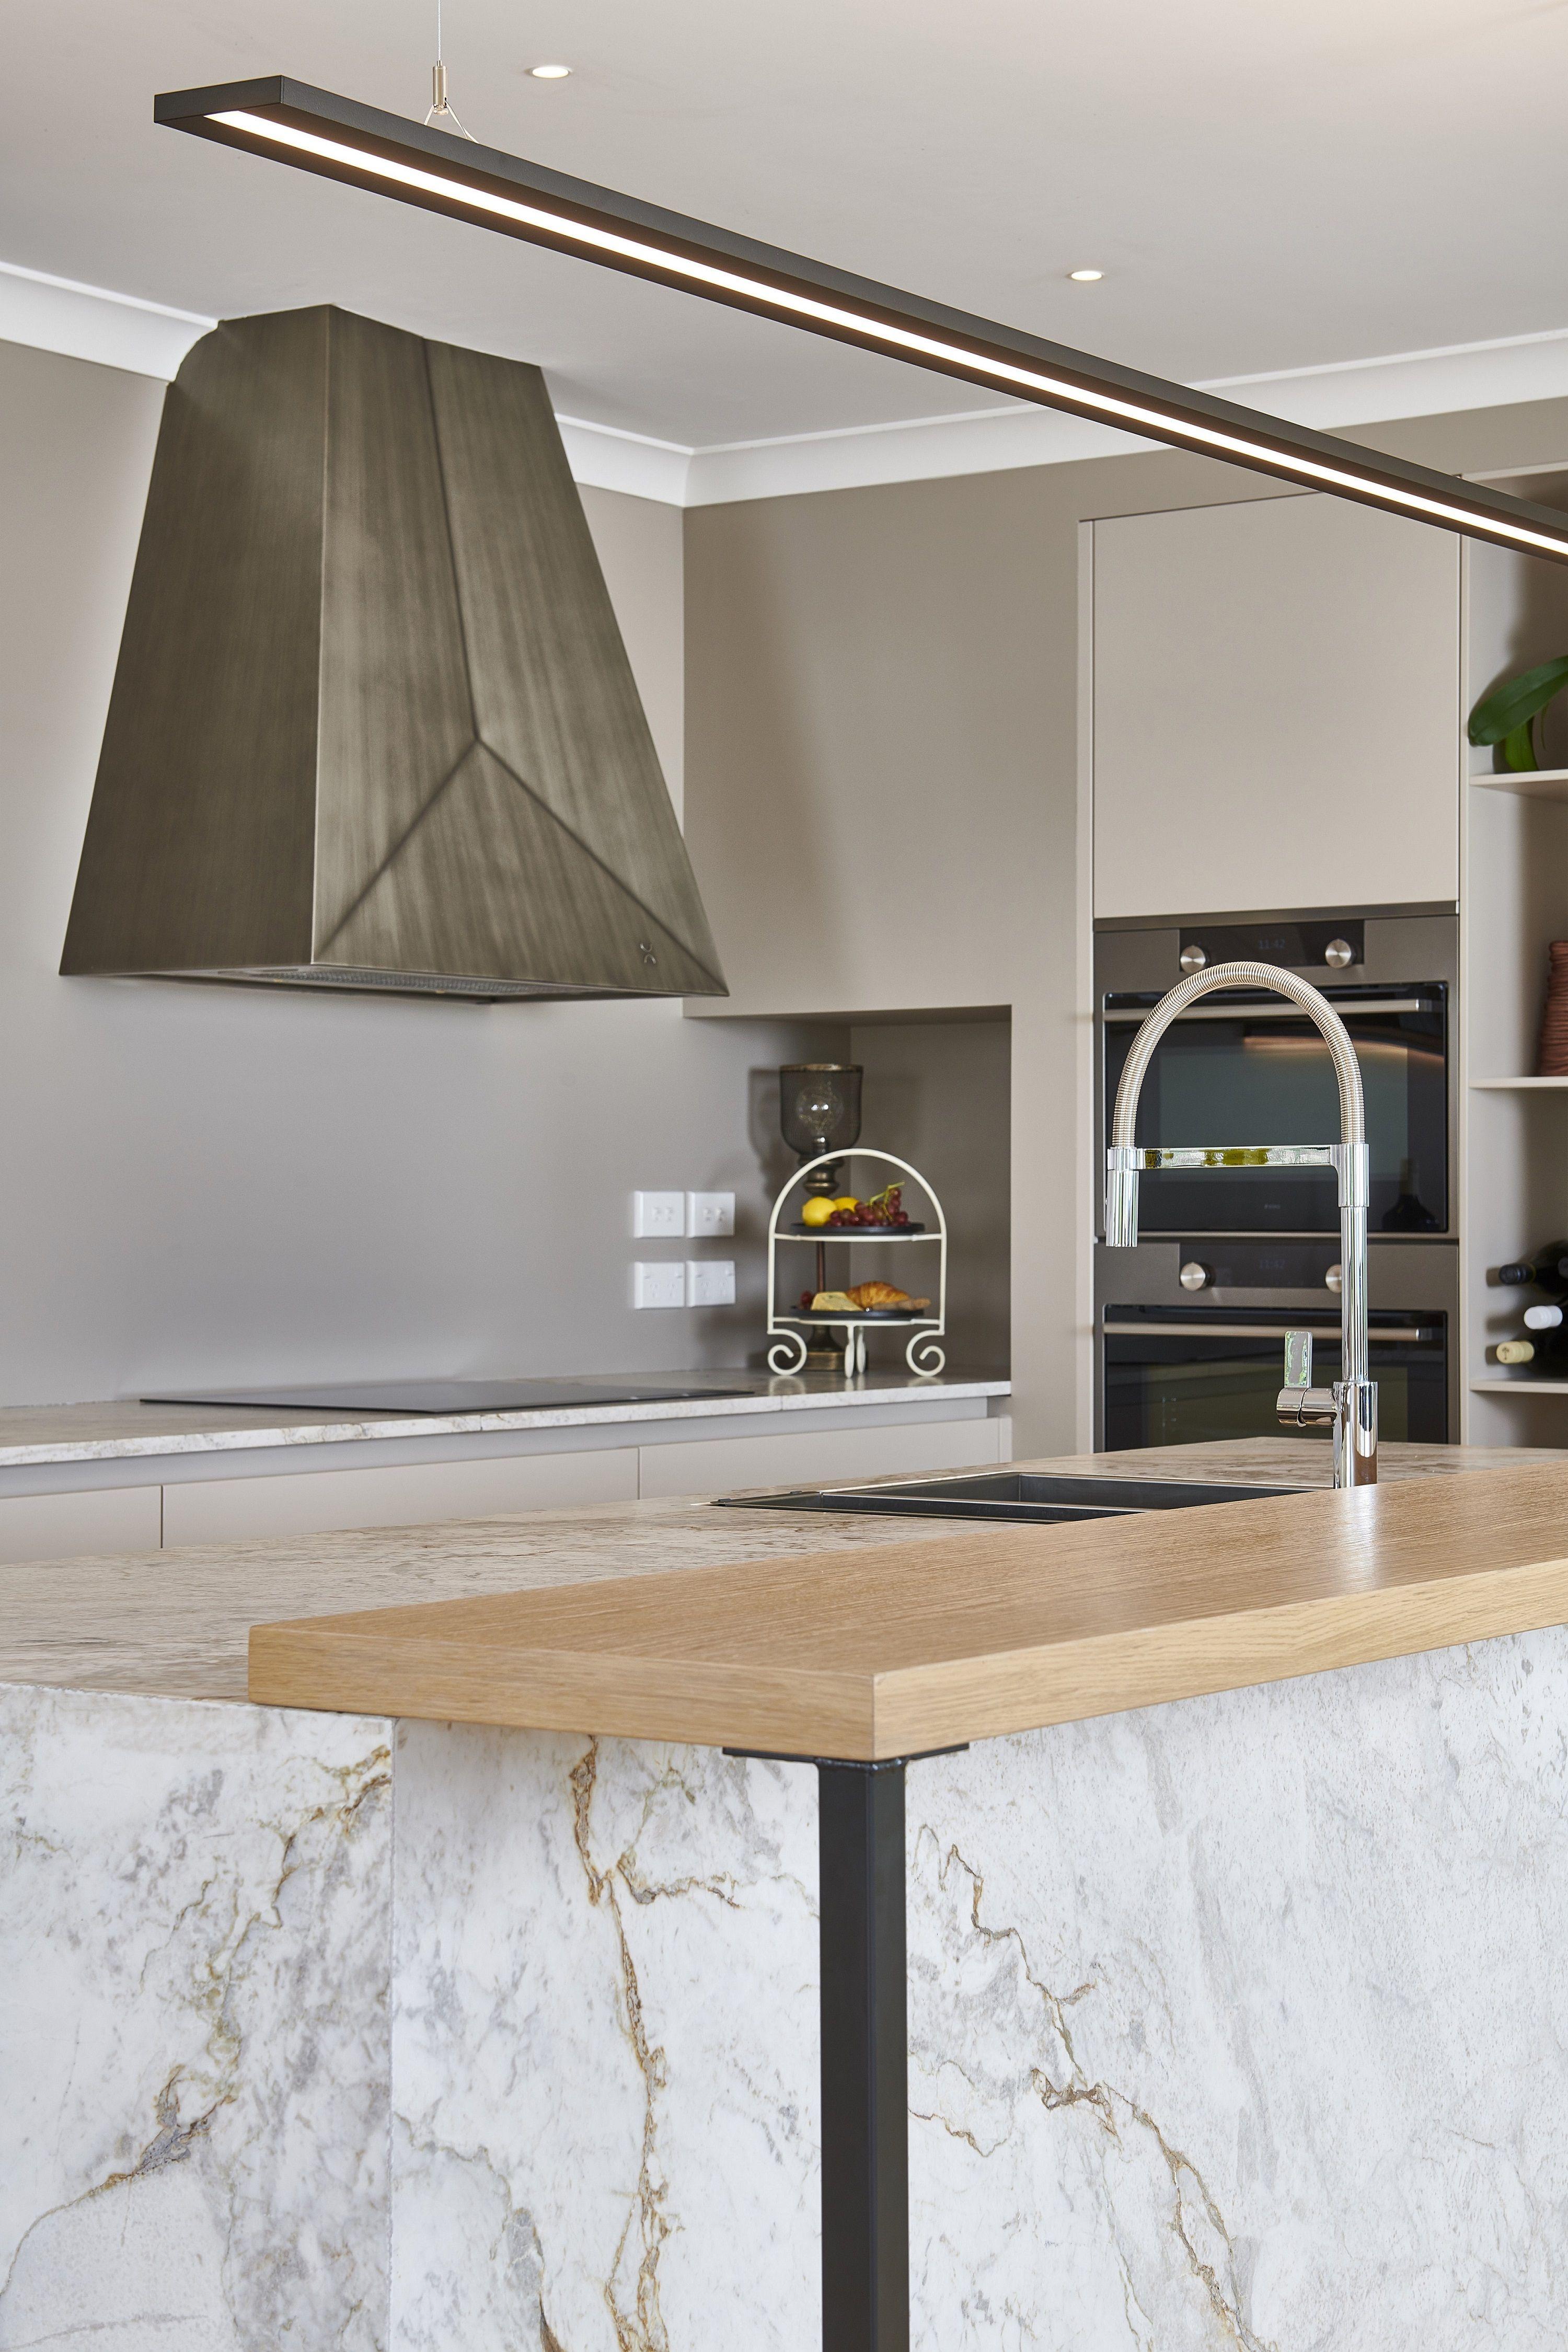 Transitional Kitchen in Neutrals in 2020 | Luxury kitchens ...